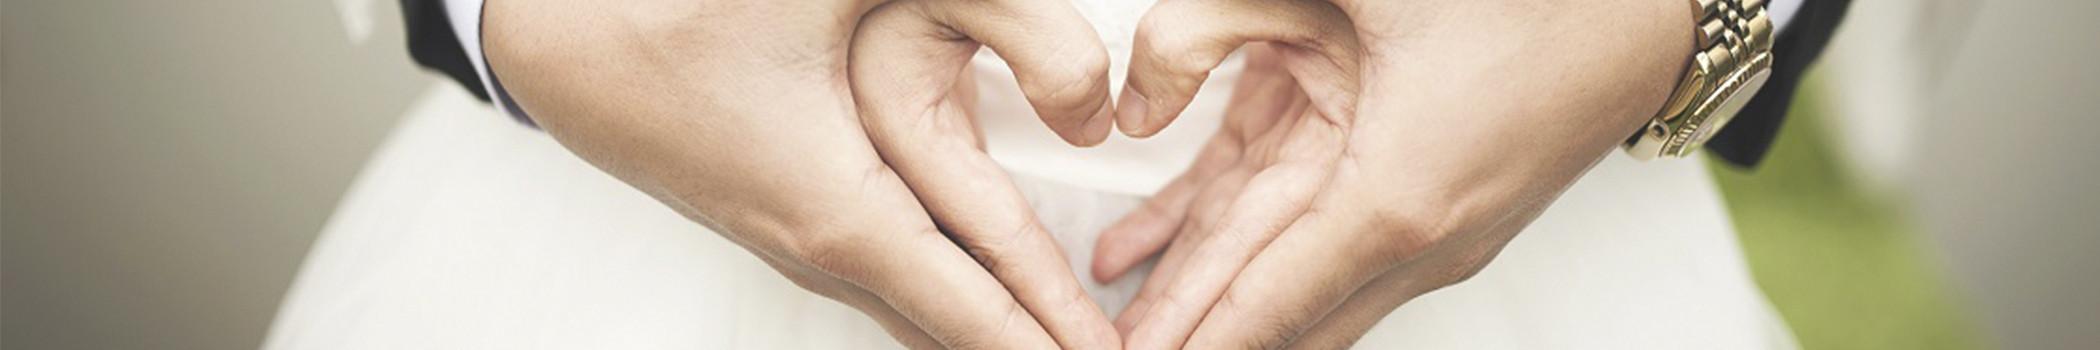 Tienda online joyería de Alianzas de boda y anillos de novios al mejor precio con  ofertas y outlet